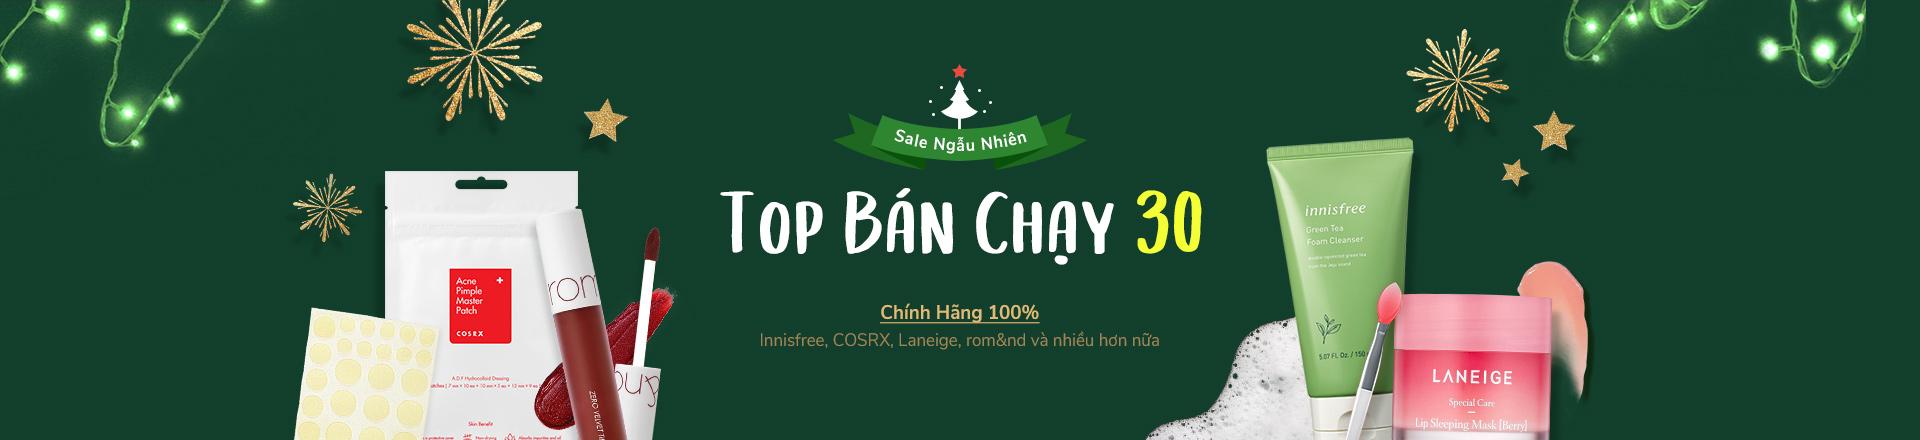 Top 30 Bán Chạy